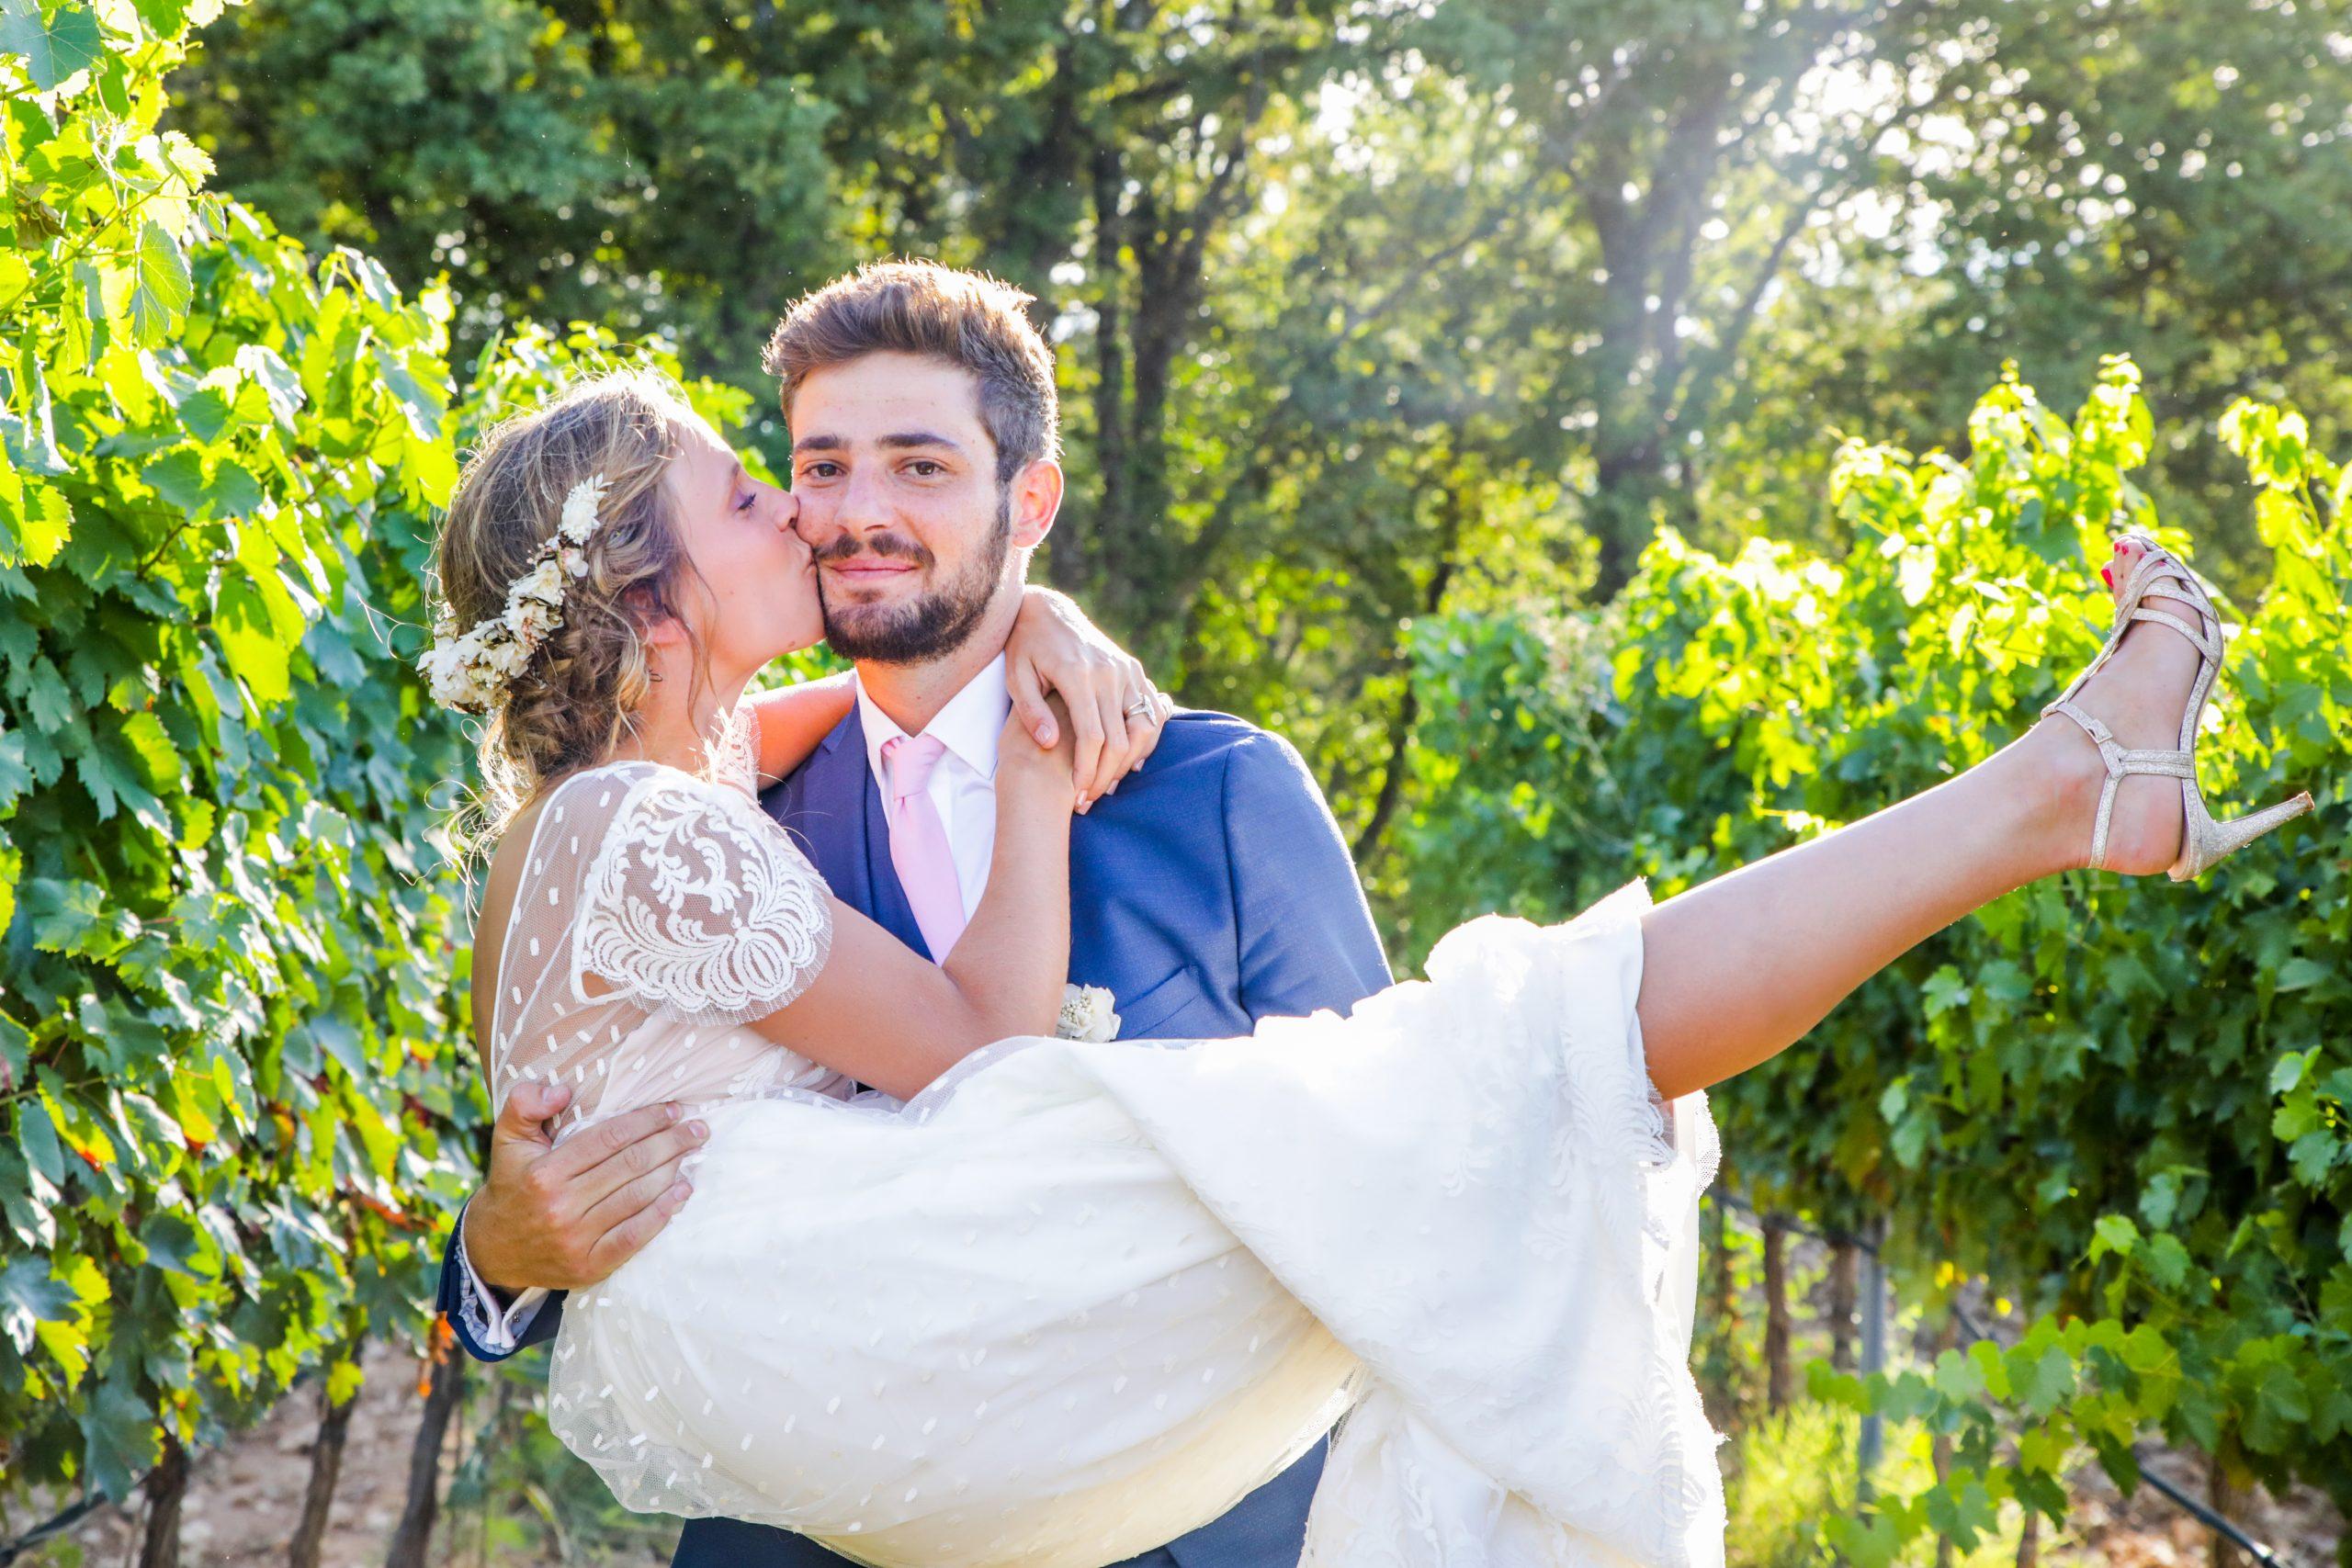 Photographe mariage Aix-en-Provence